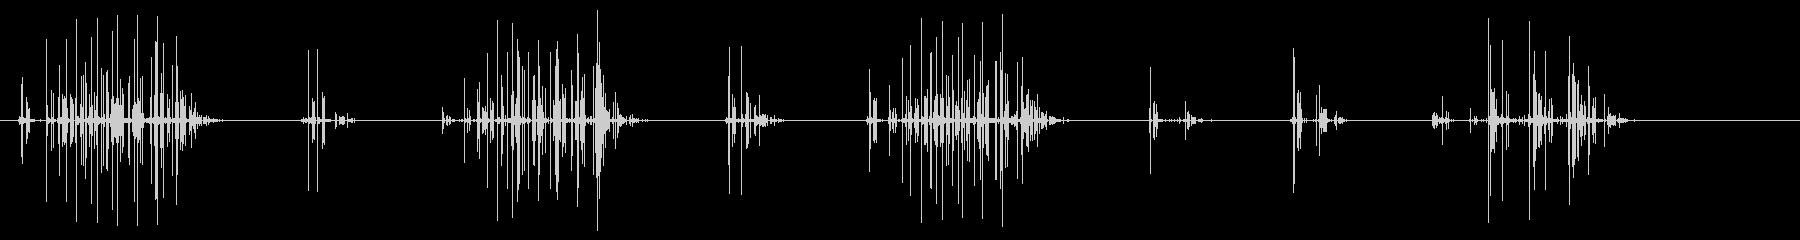 ノイズ 単純なクラックルシーケンス01の未再生の波形